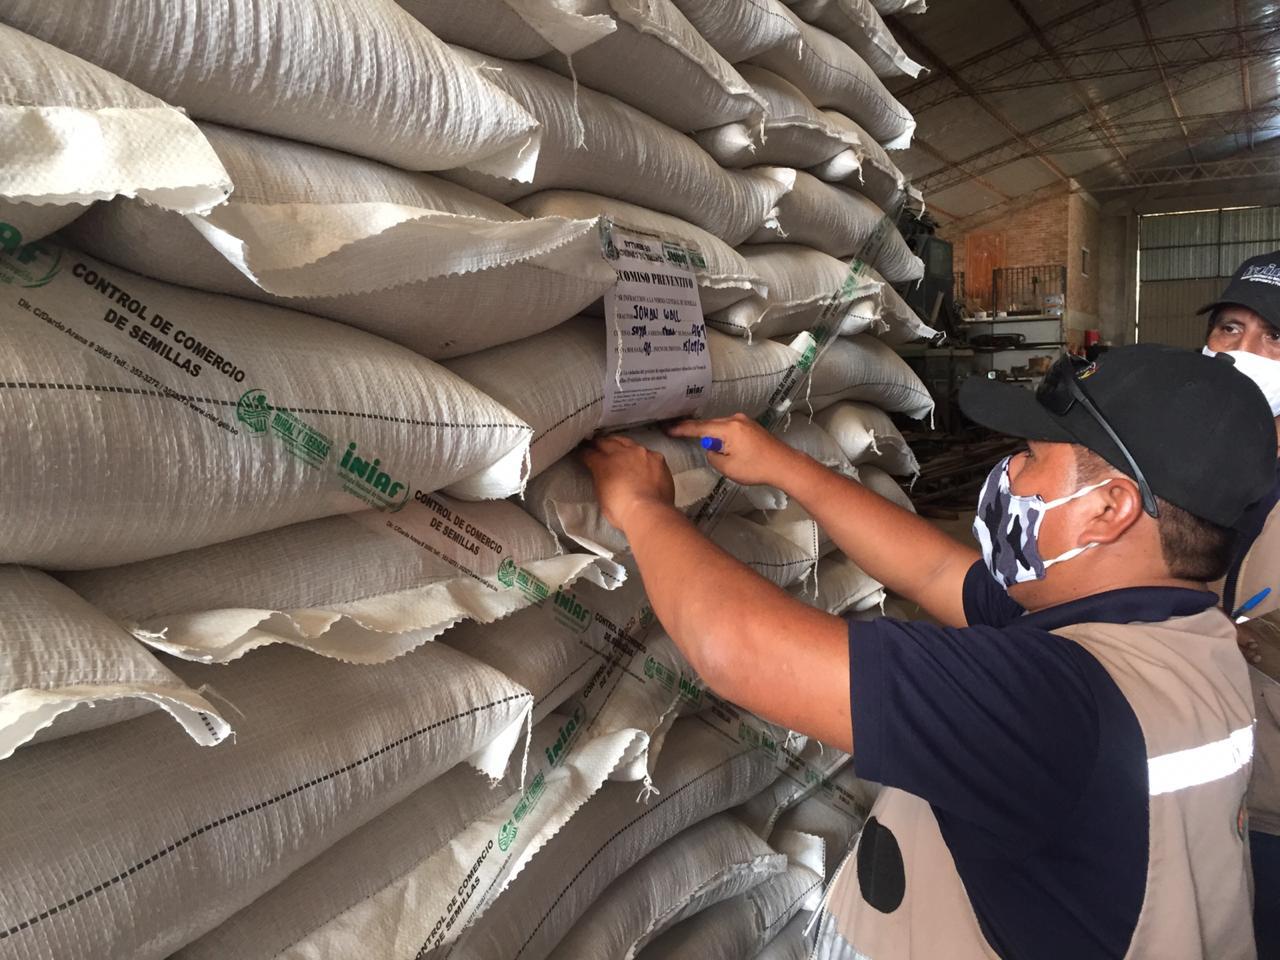 El INIAF decomisa 75 toneladas de semilla de soya ilegal en una comunidad menonita